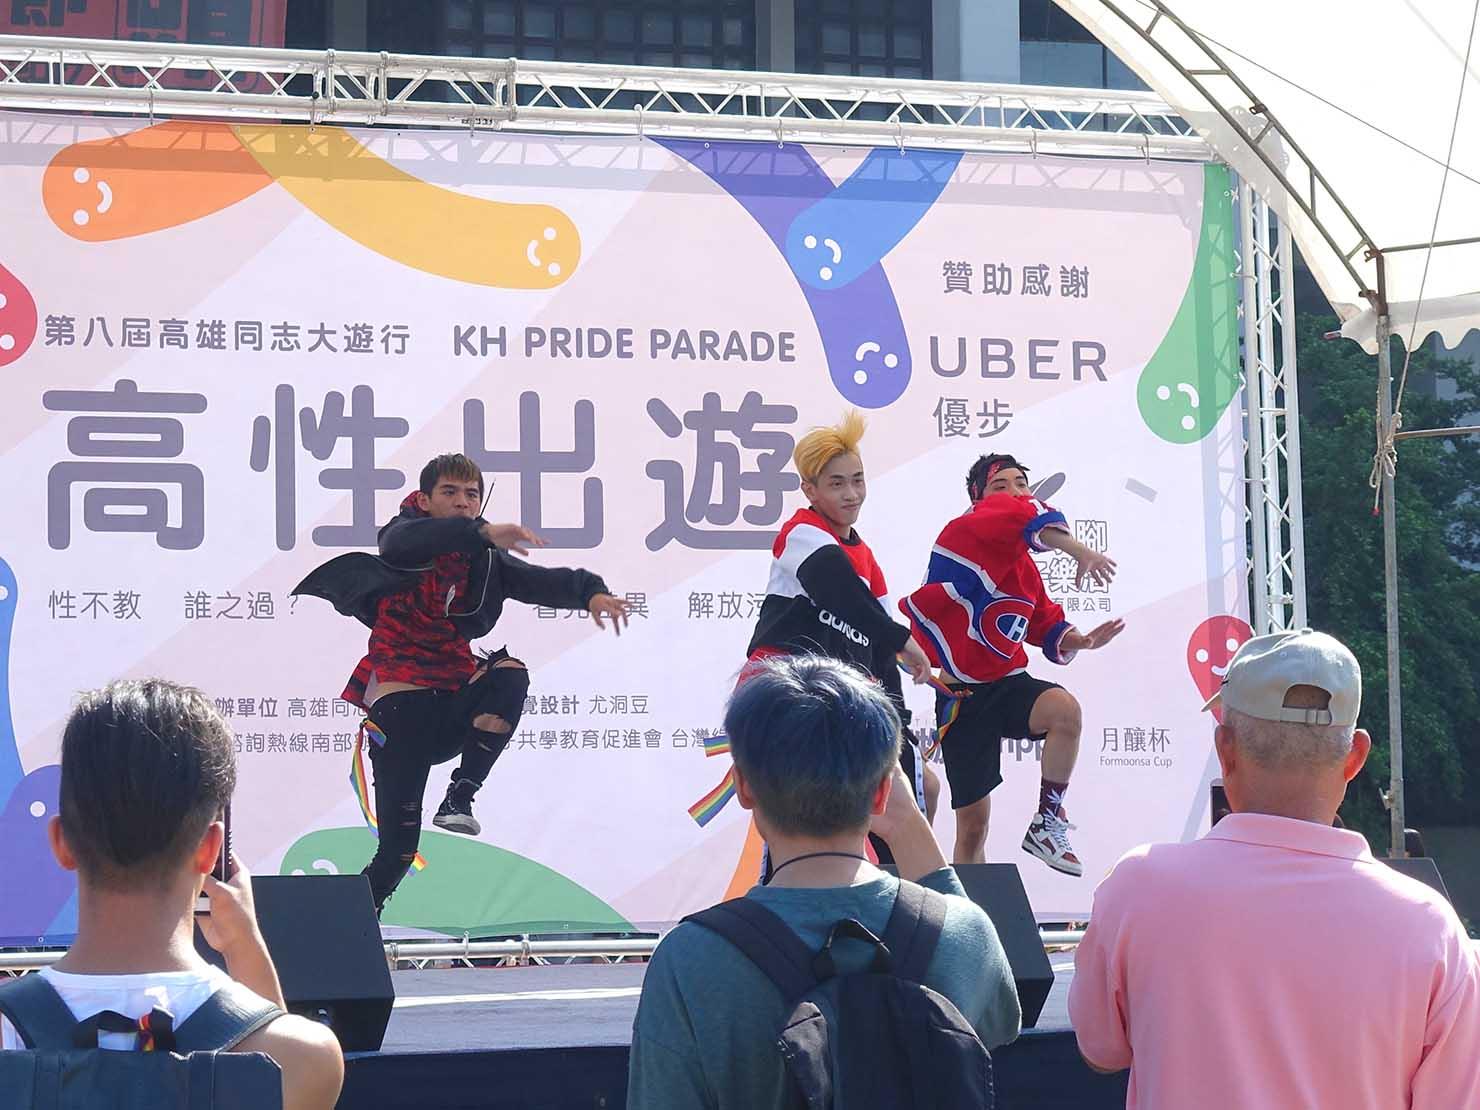 高雄同志大遊行(高雄レインボーパレード)2017パレード出発前のステージパフォーマンス